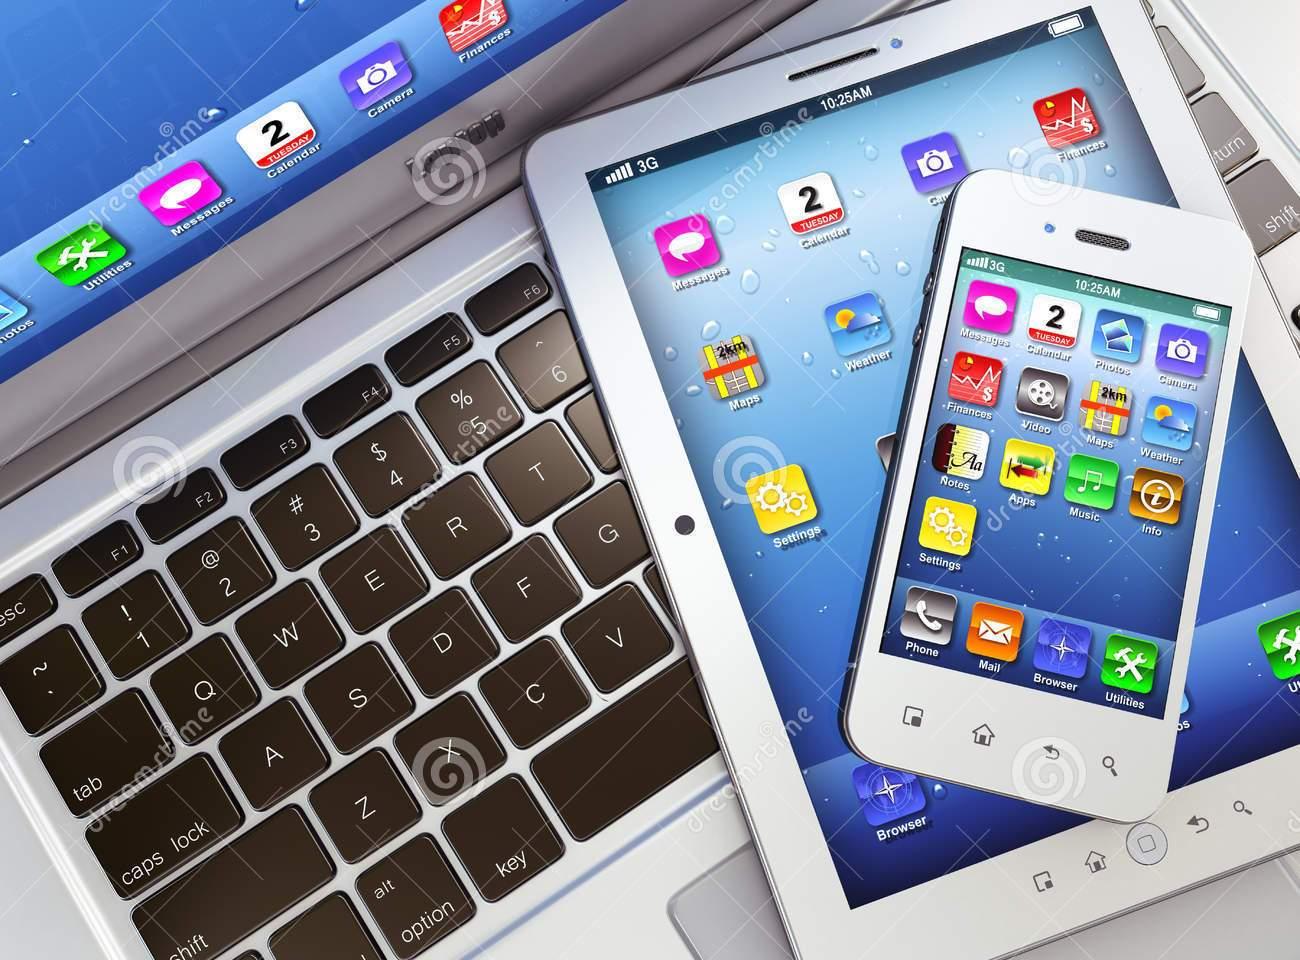 2.90 करोड़ बच्चों के पास डिजिटल उपकरणों कमी - आधिकारिक सर्वेक्षण